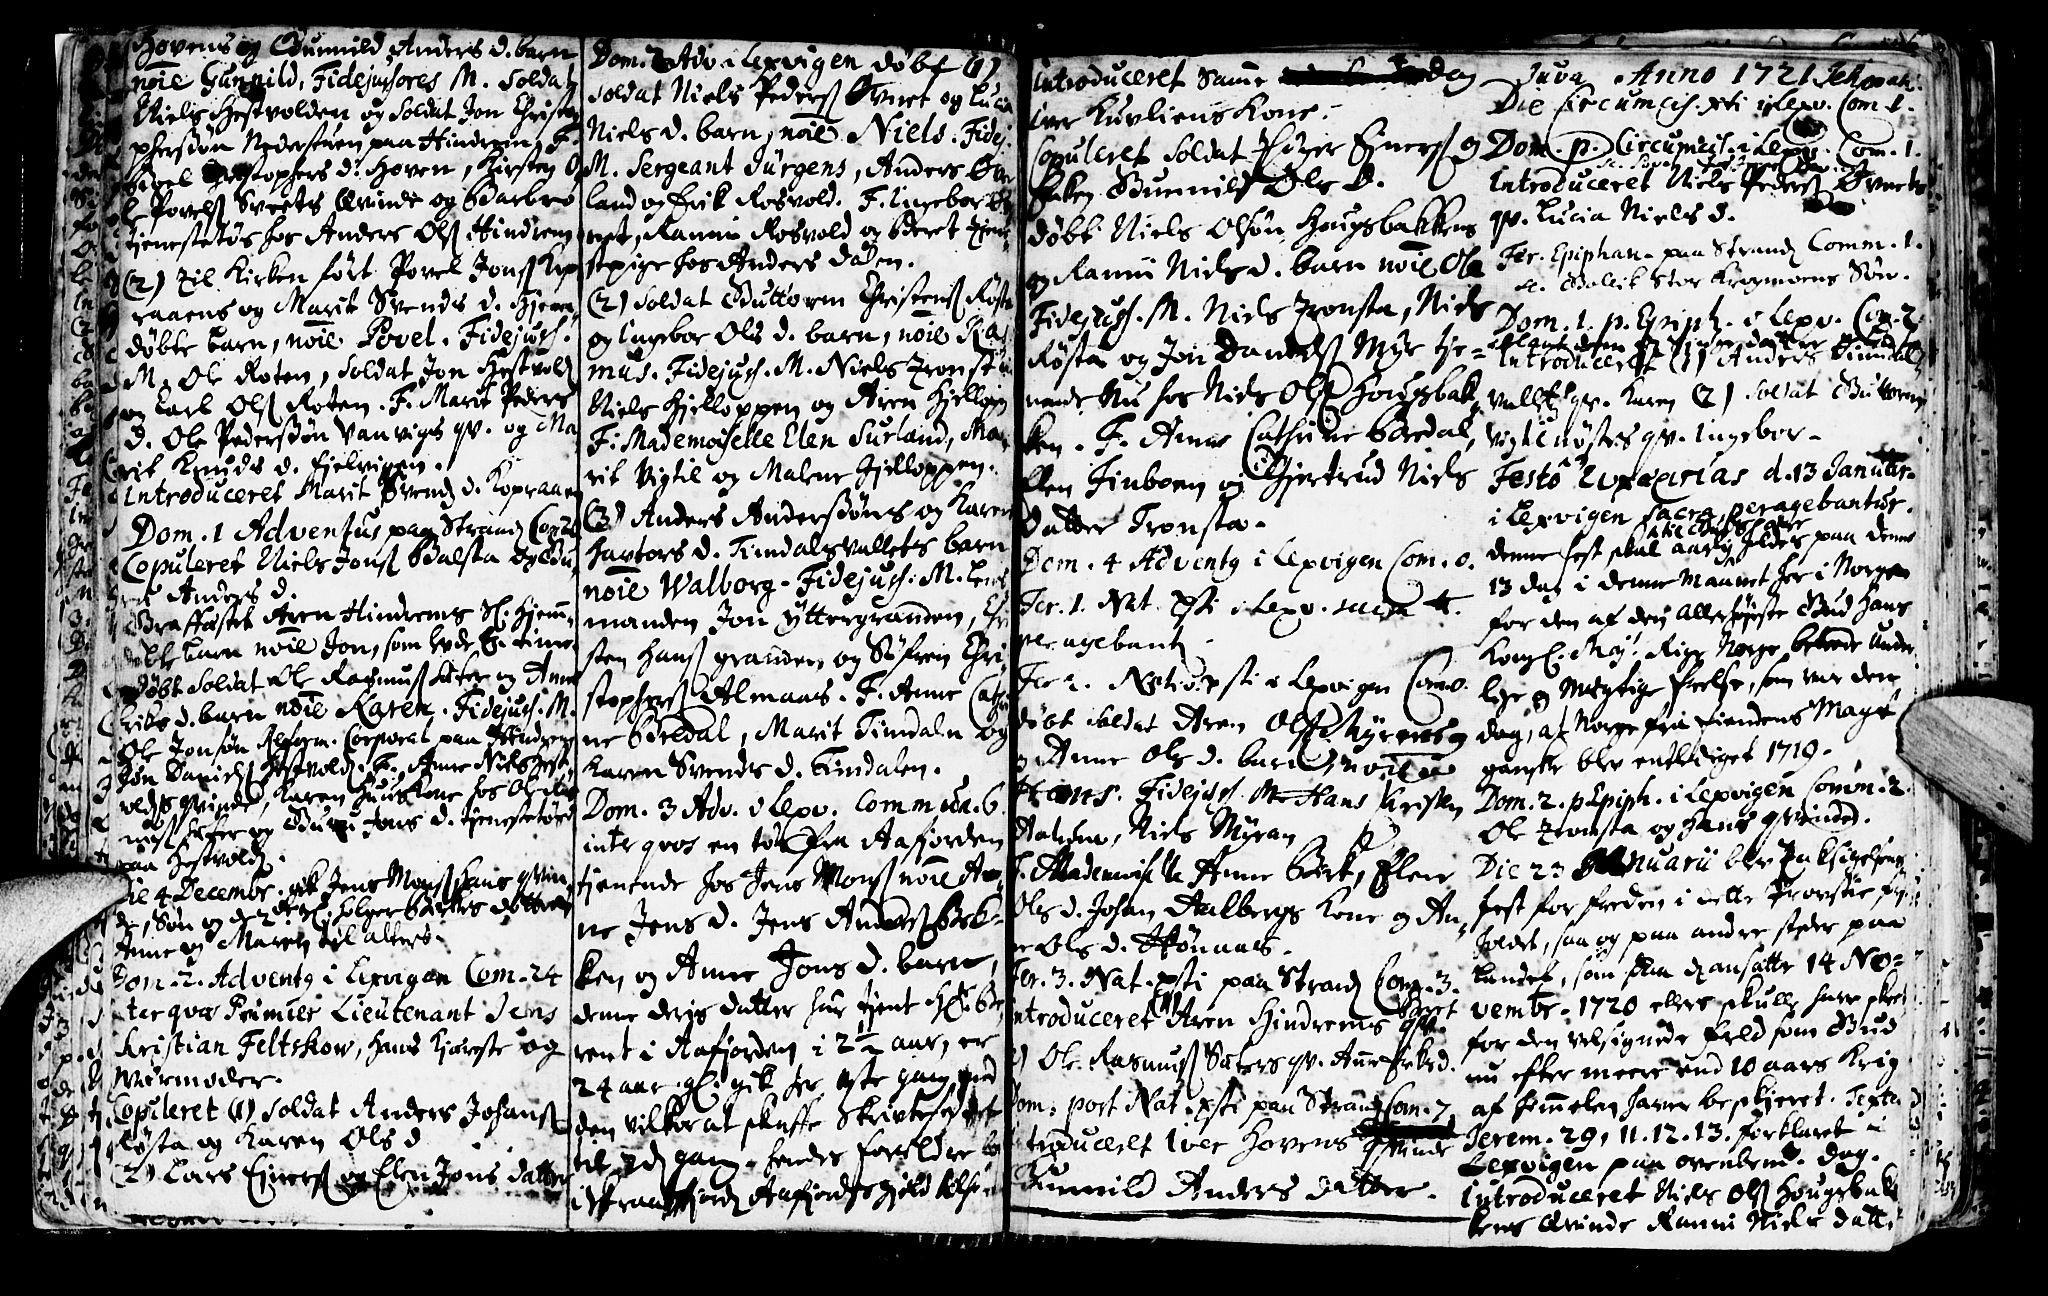 SAT, Ministerialprotokoller, klokkerbøker og fødselsregistre - Nord-Trøndelag, 701/L0001: Ministerialbok nr. 701A01, 1717-1731, s. 13